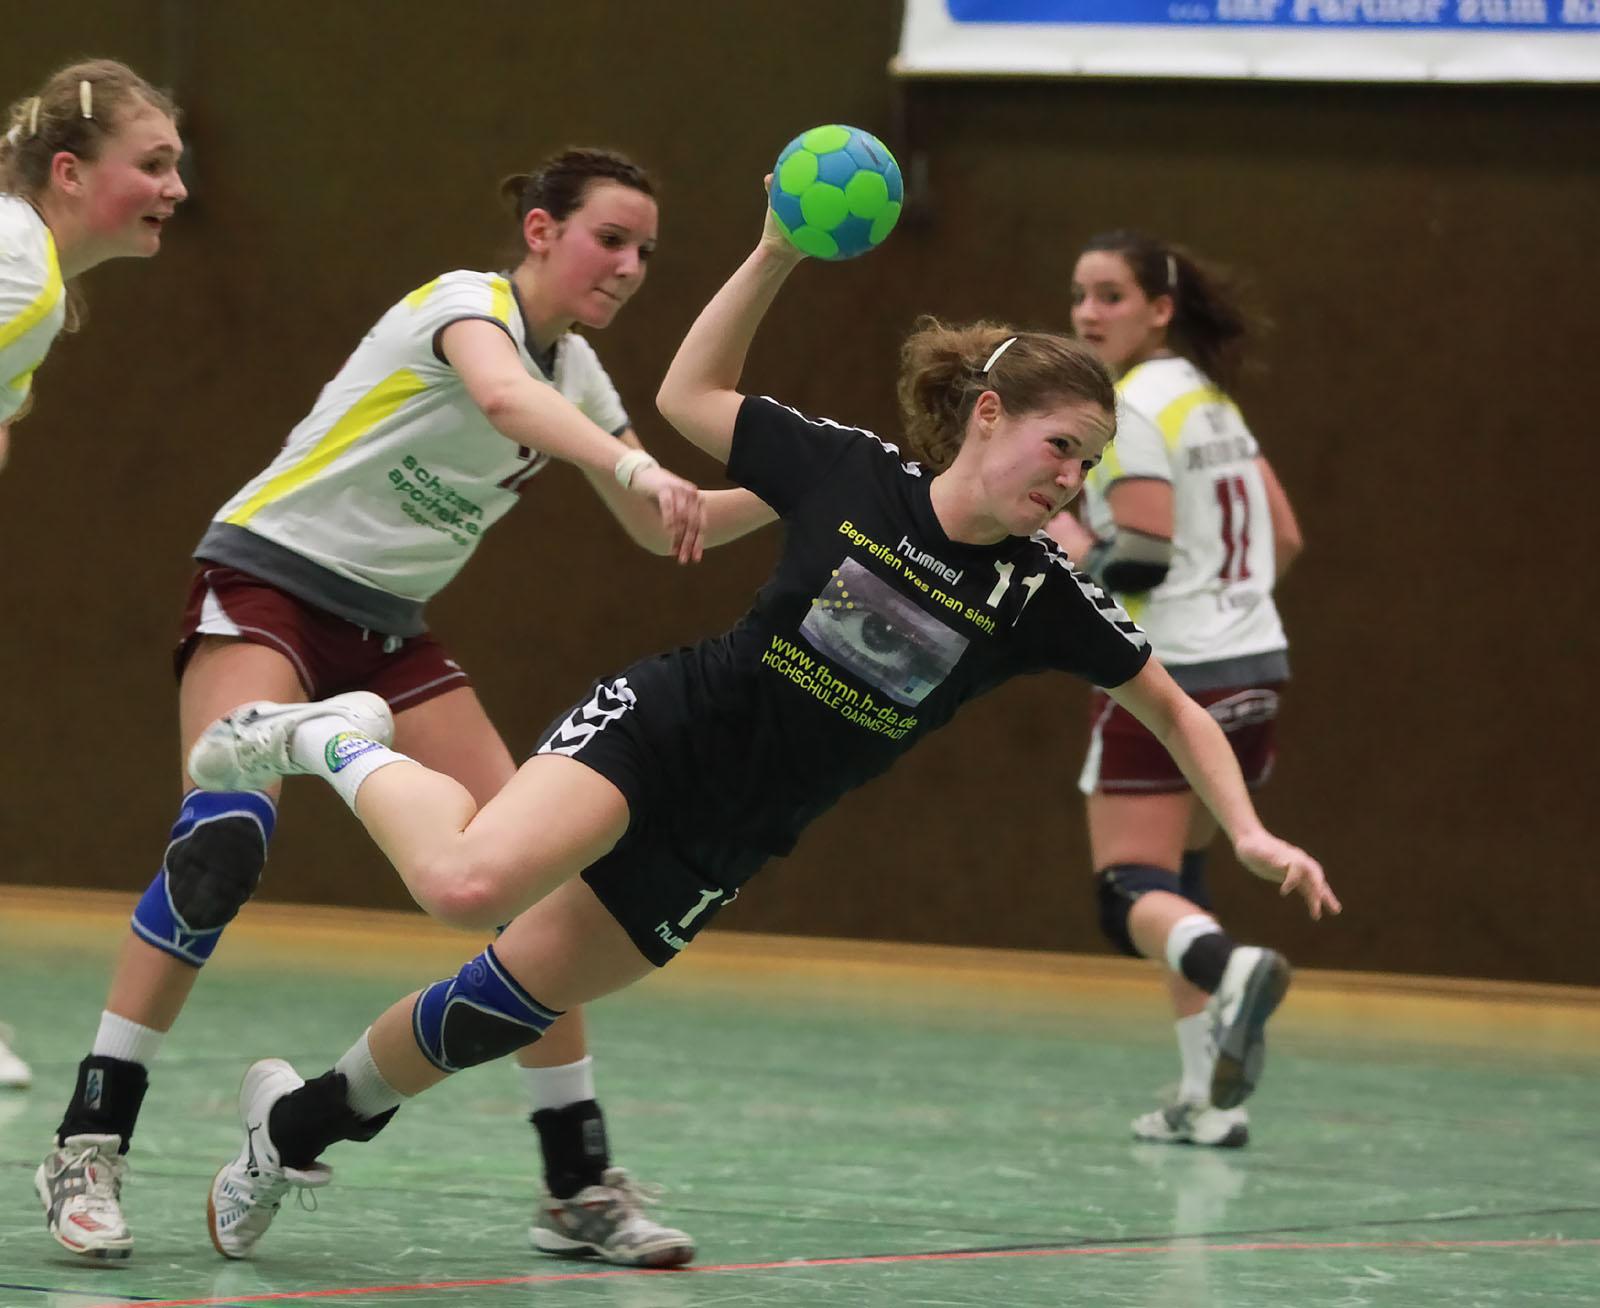 Hessischer Handballverband Bezirk Darmstadt